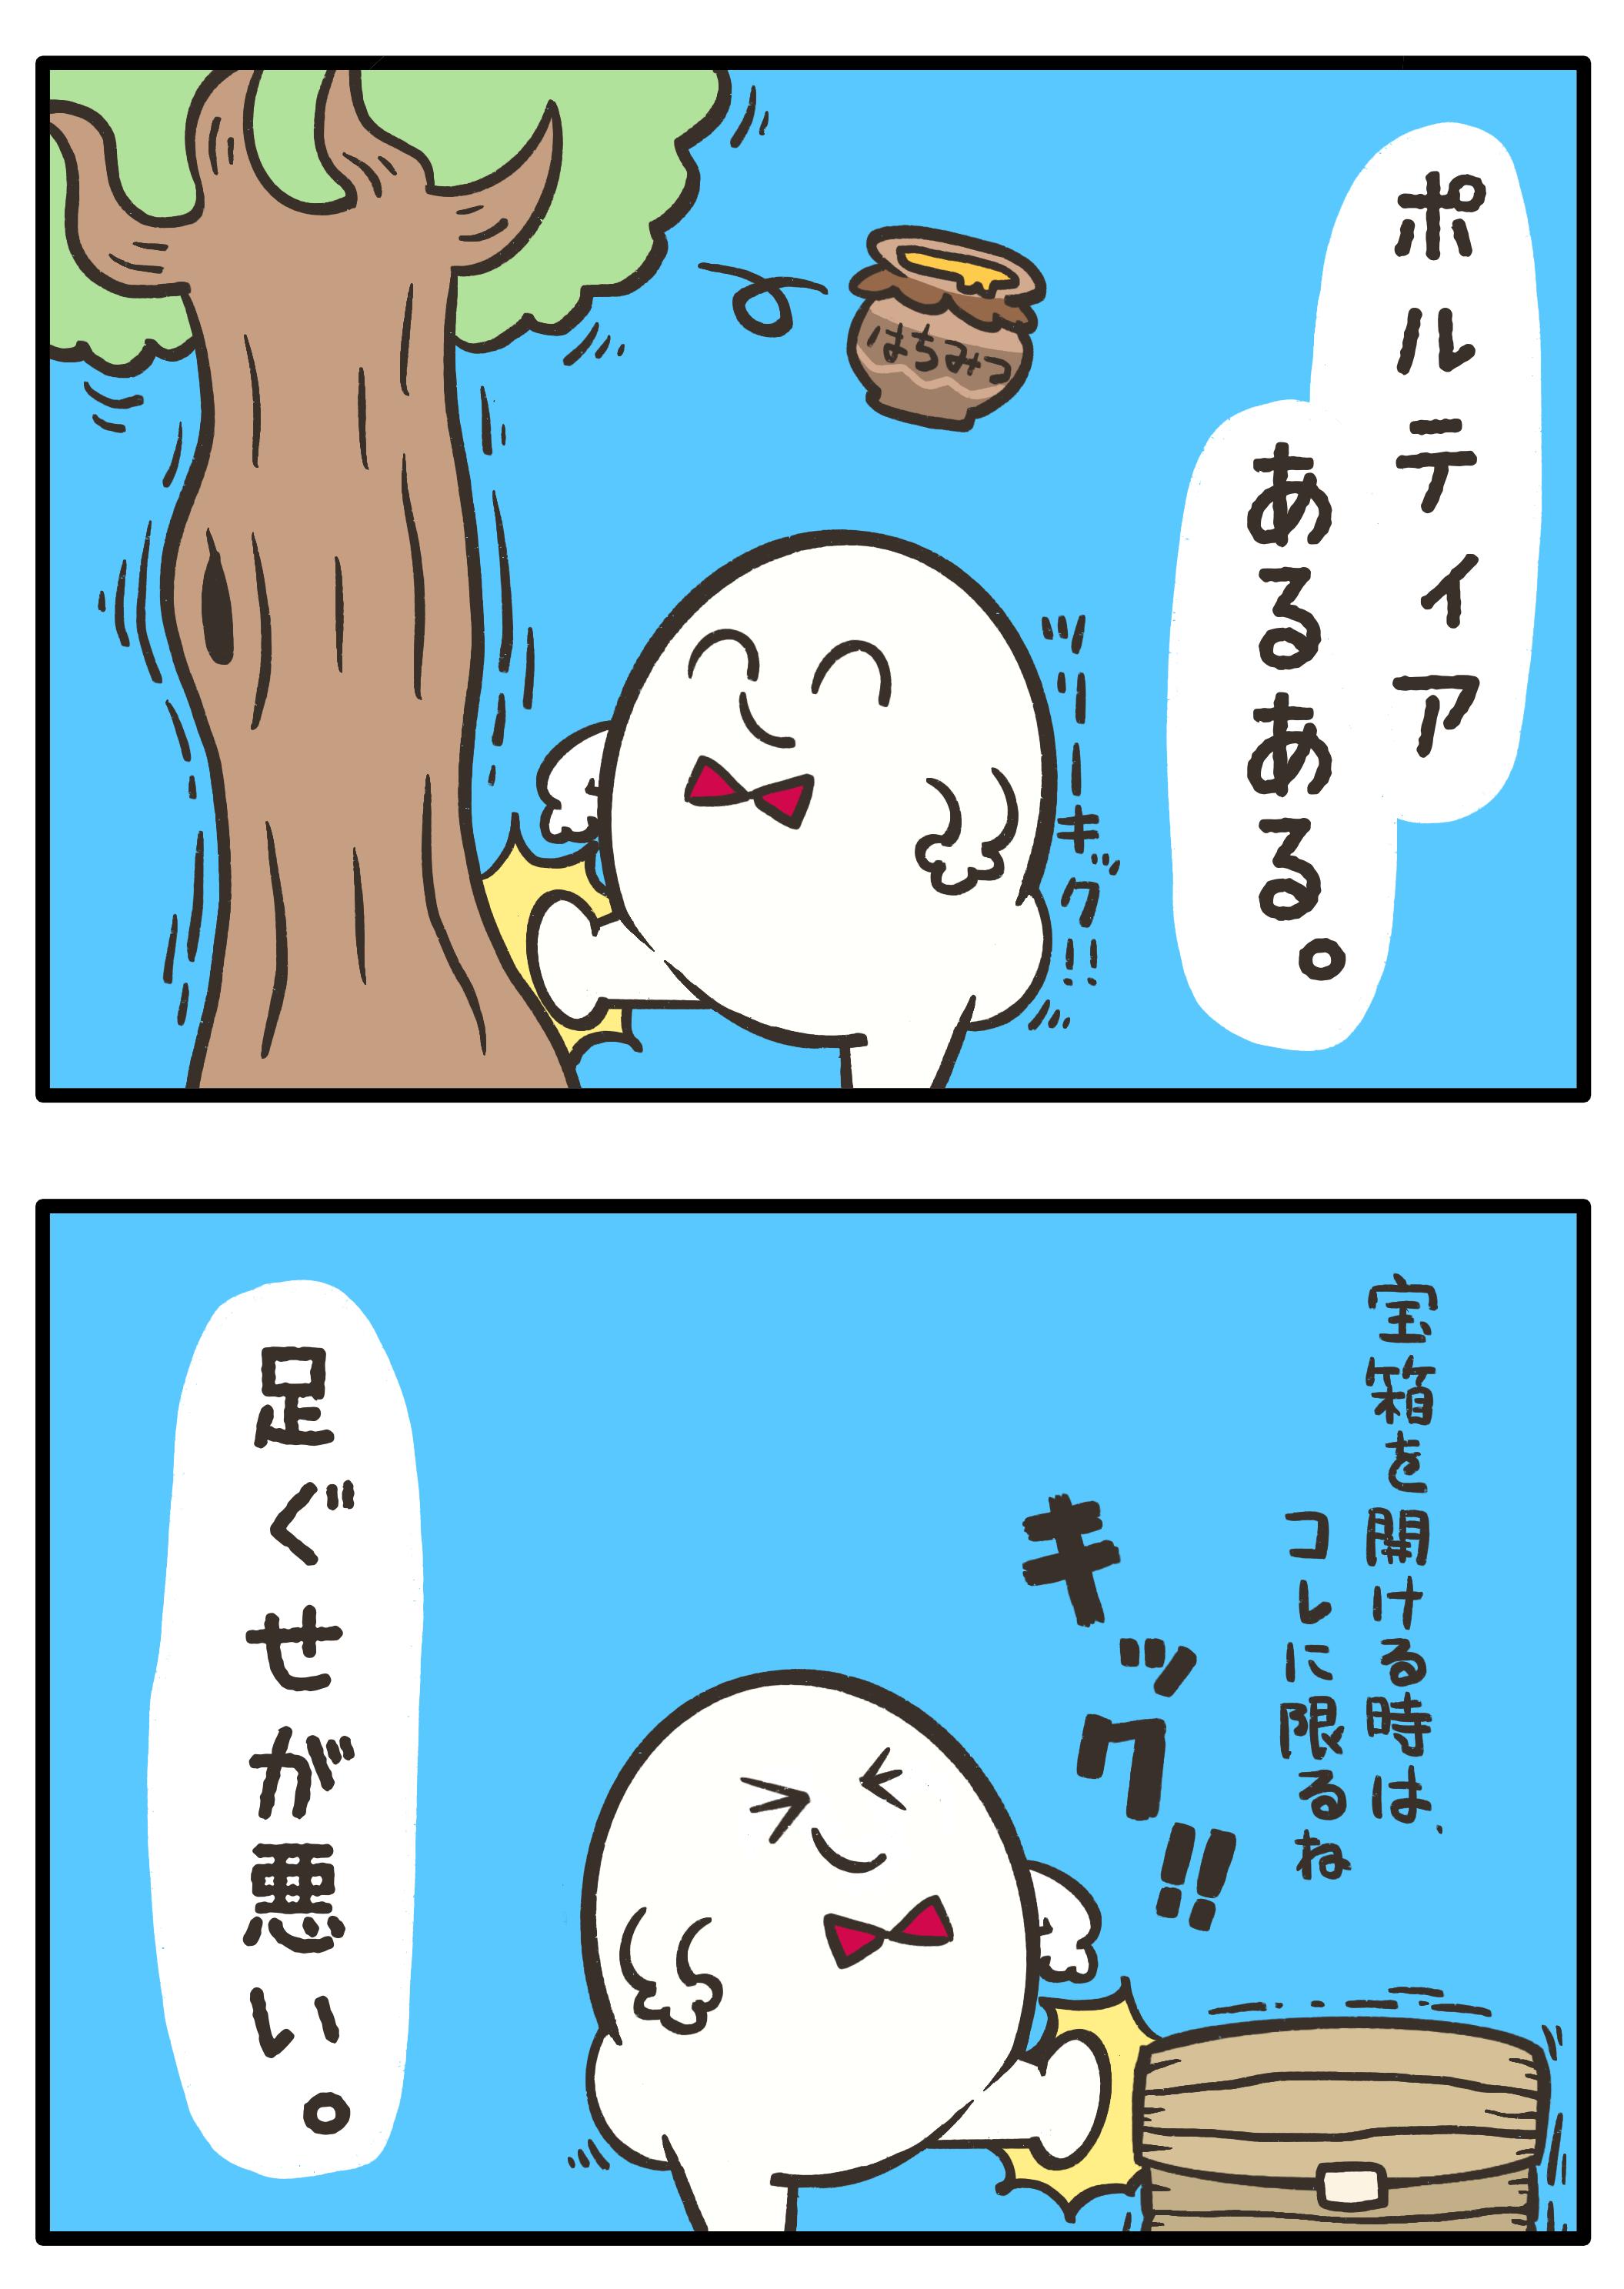 f:id:ichibo-game:20190503174704p:plain